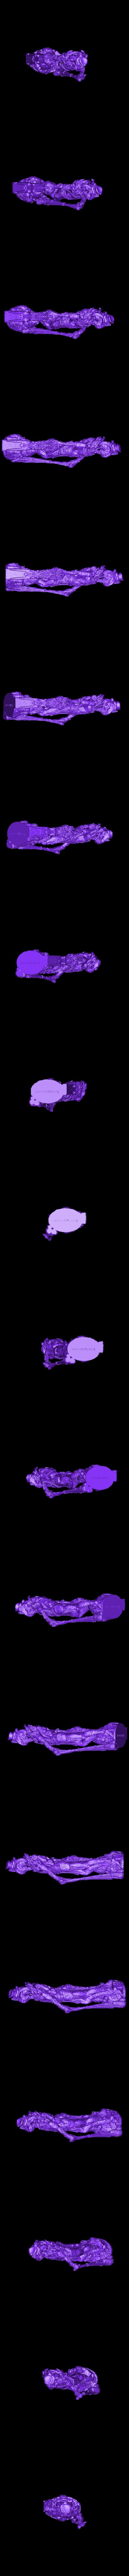 Snakeman_Low.stl Télécharger fichier STL gratuit Serpentine Merchant • Objet à imprimer en 3D, bendansie